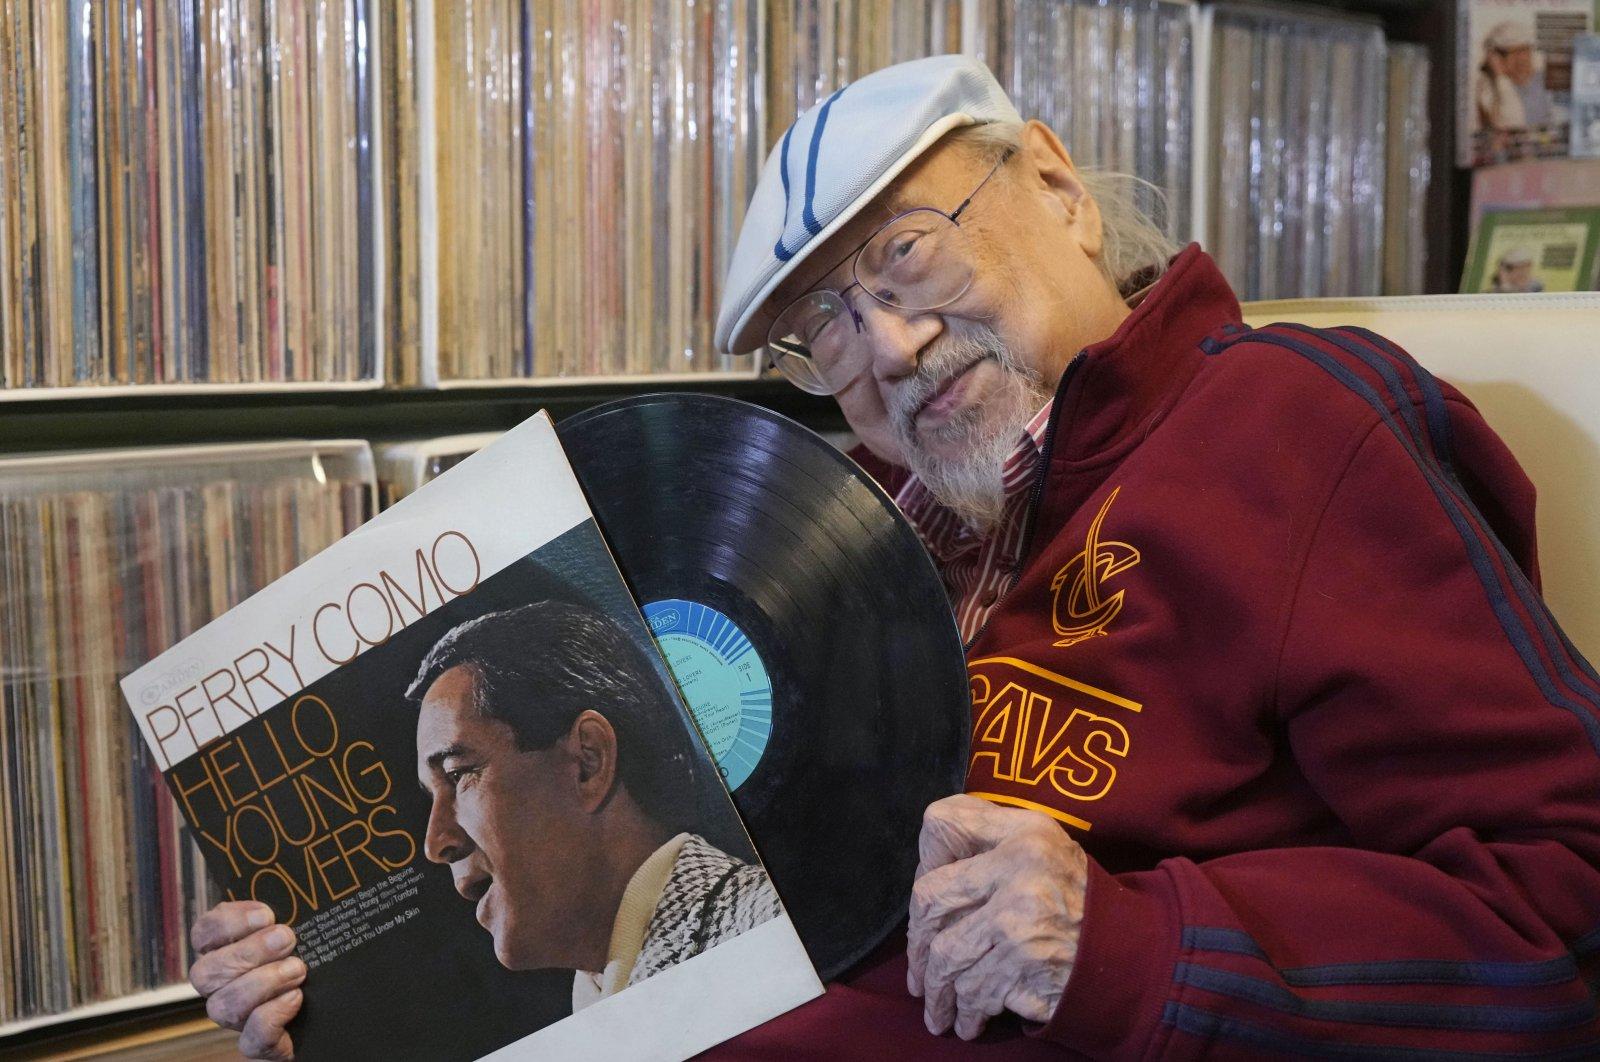 Ray Cordeiro, Hong Kong's oldest DJ shows a vinyl record at his home in Hong Kong, May 27, 2021. (AP Photo)